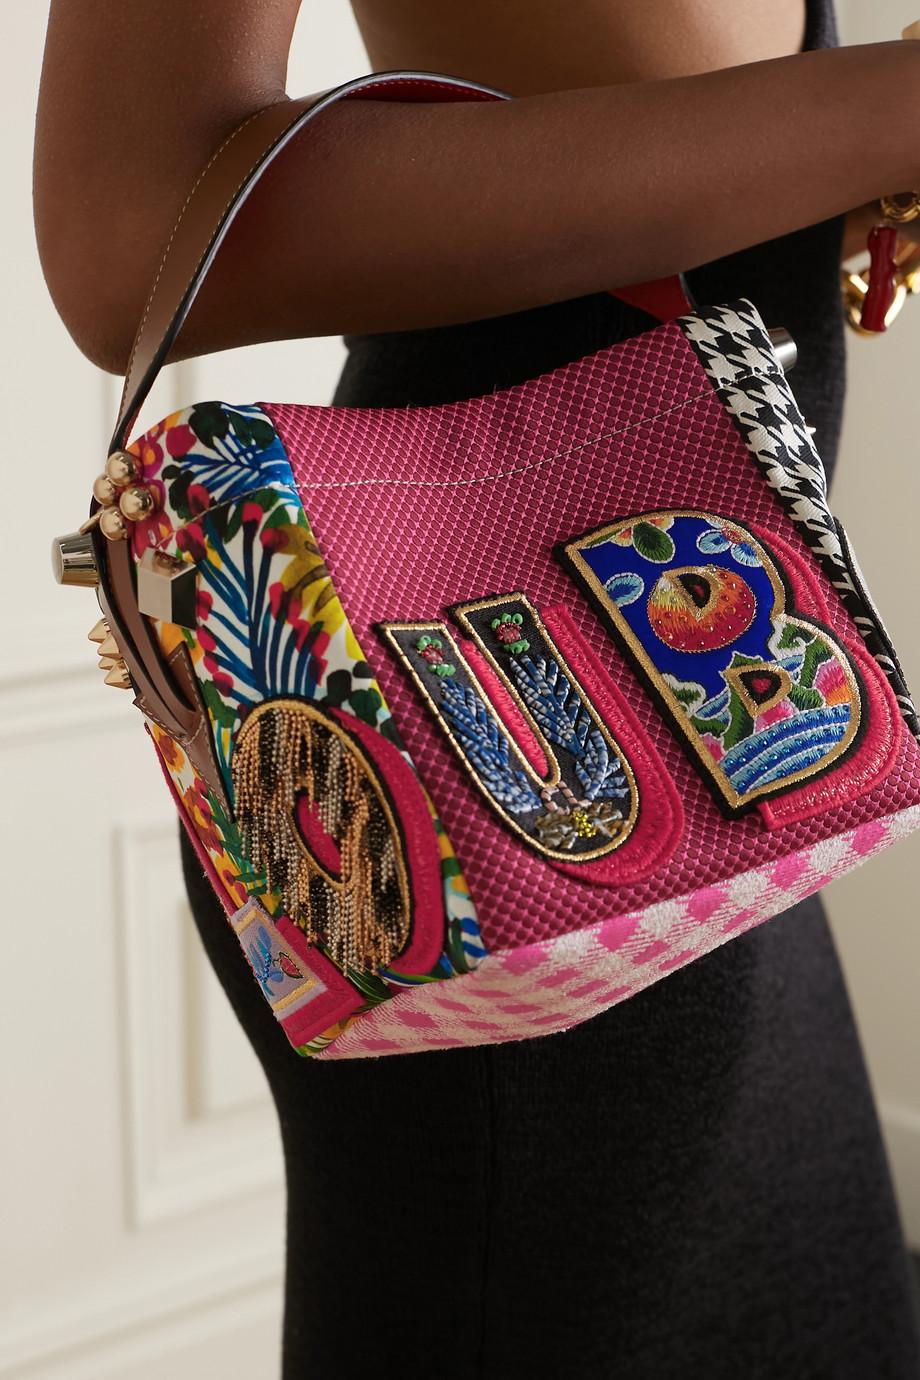 Christian Louboutin Sac à main patchwork en toile à finitions en cuir et à appliqués Caracaba Mini